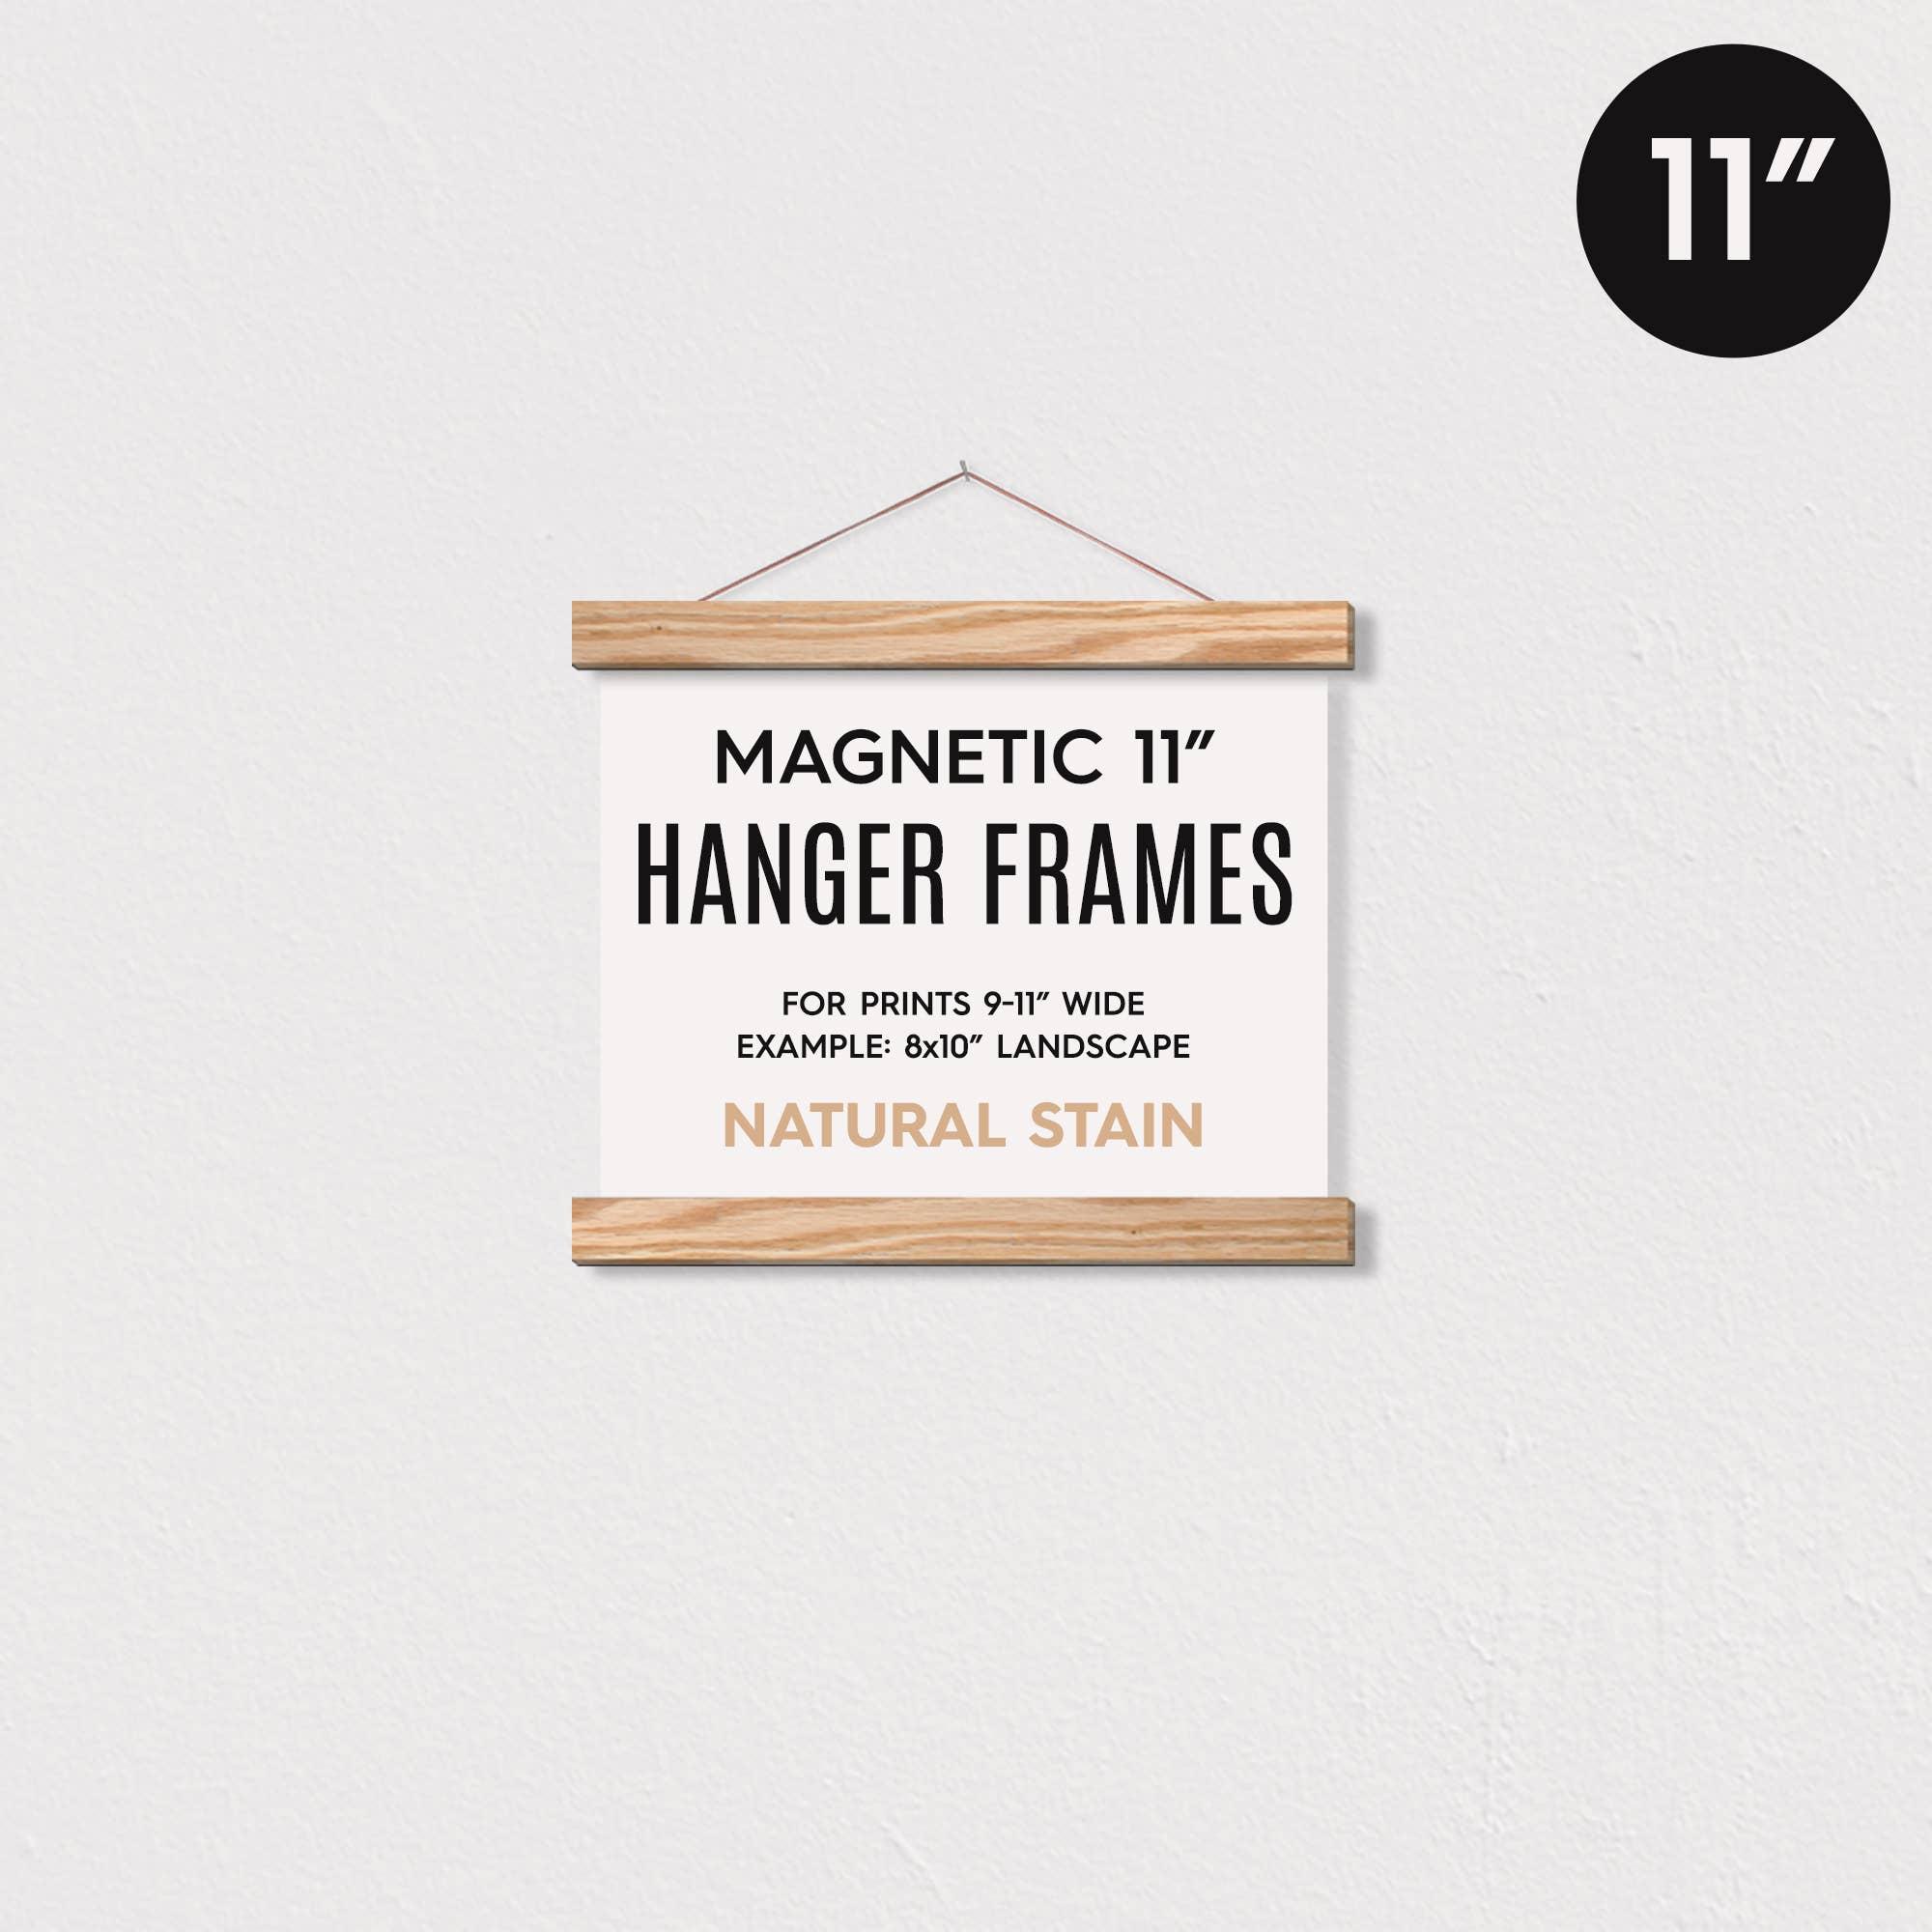 """11"""" MAGNETIC Poster Hanger Frame for 8x10 Landscape Prints   Trada Marketplace"""